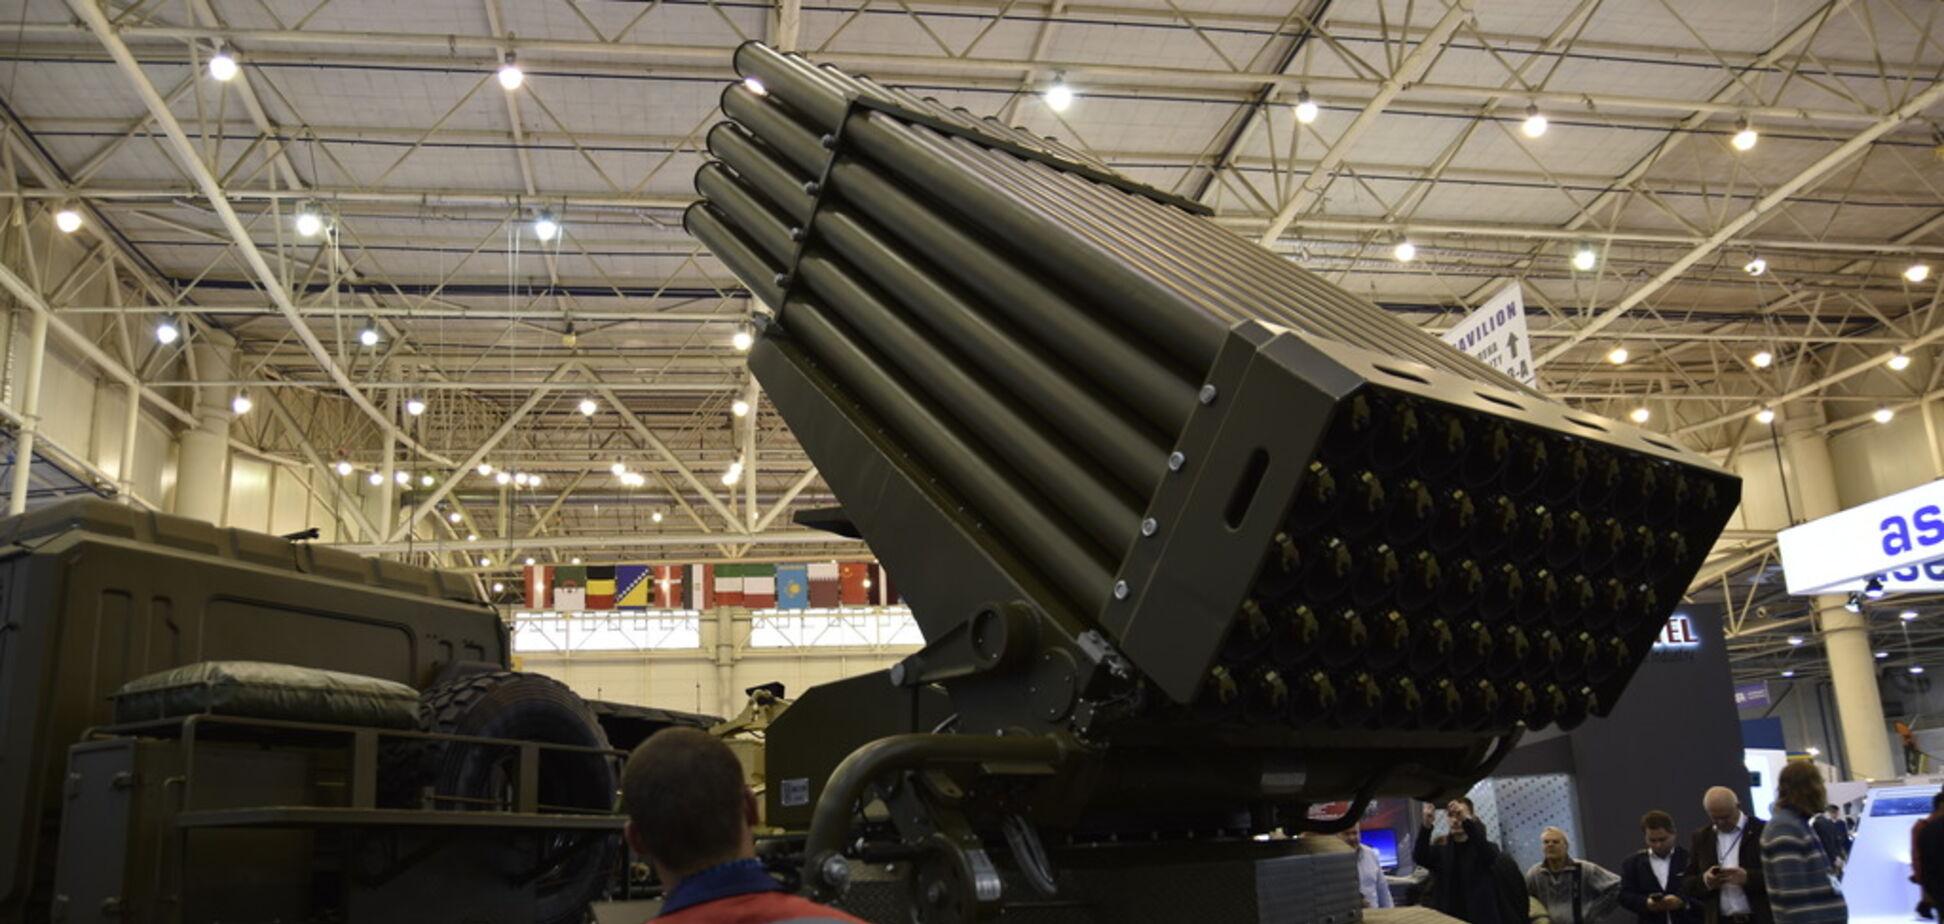 Преемник ''Града'': в Украине показали новое смертоносное оружие. Характеристики